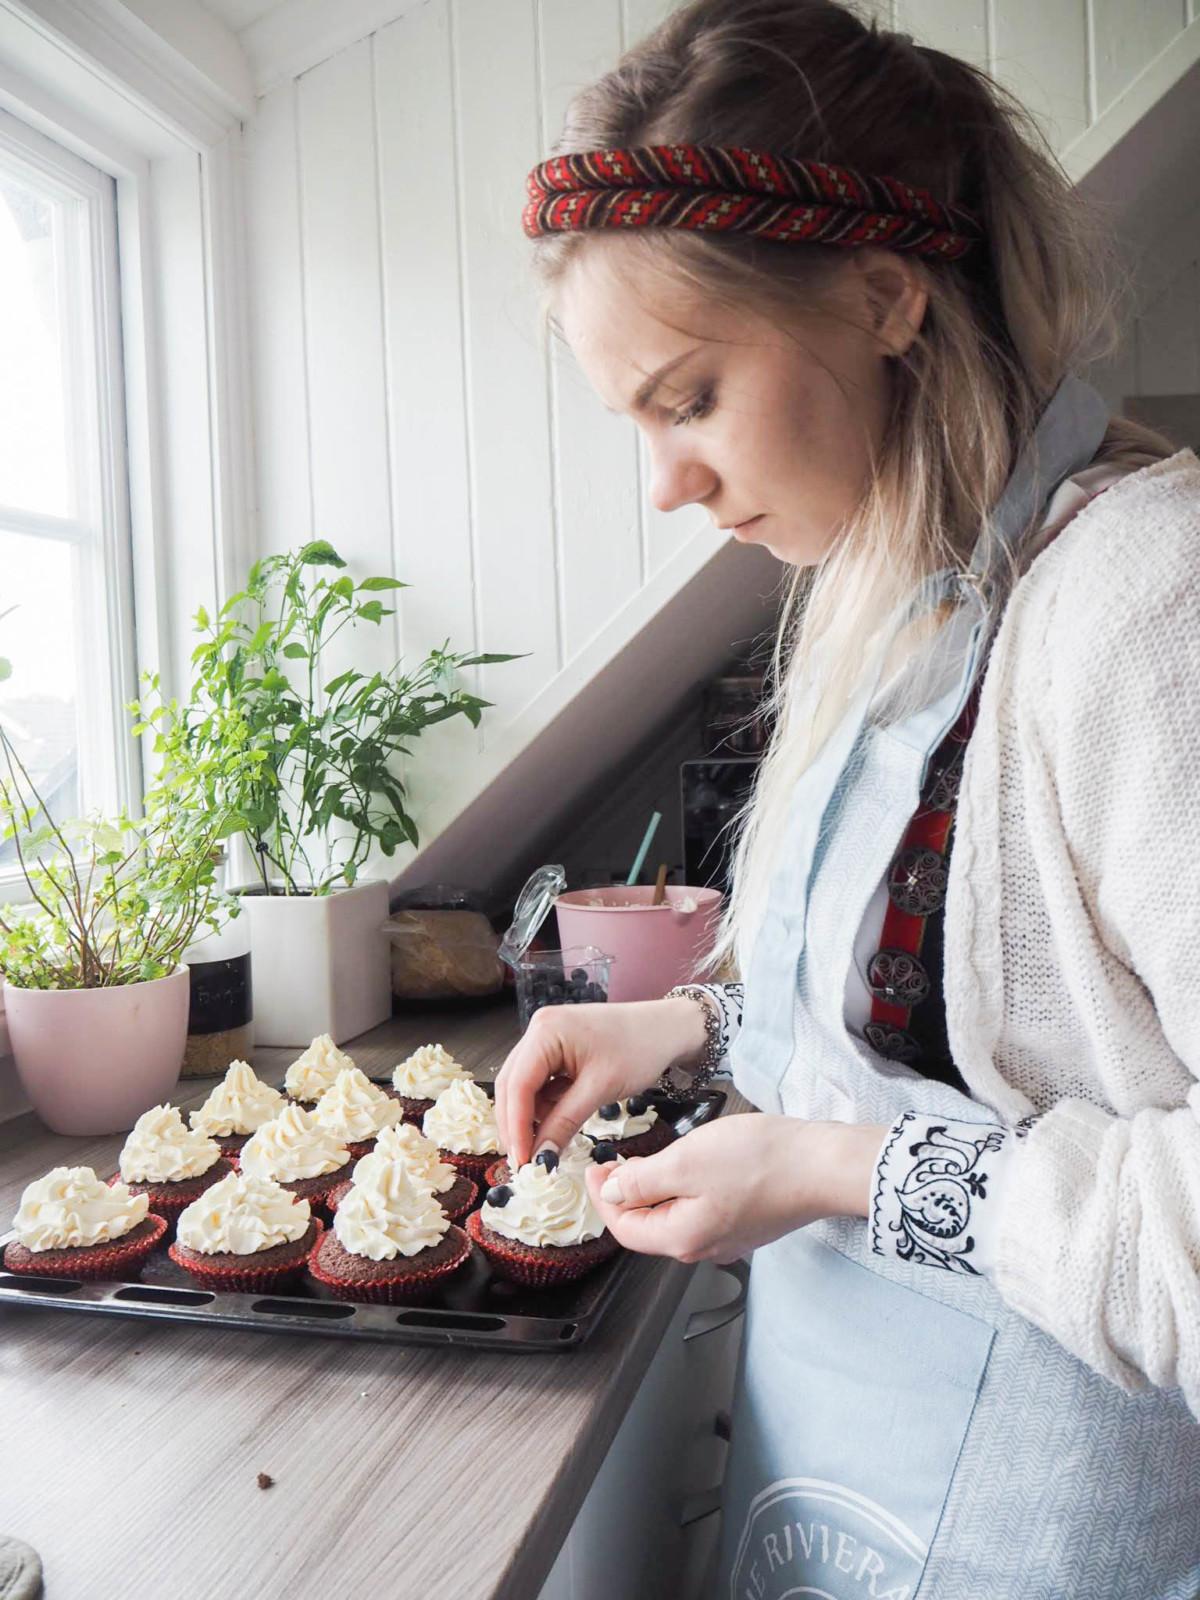 Pynte cupcakes